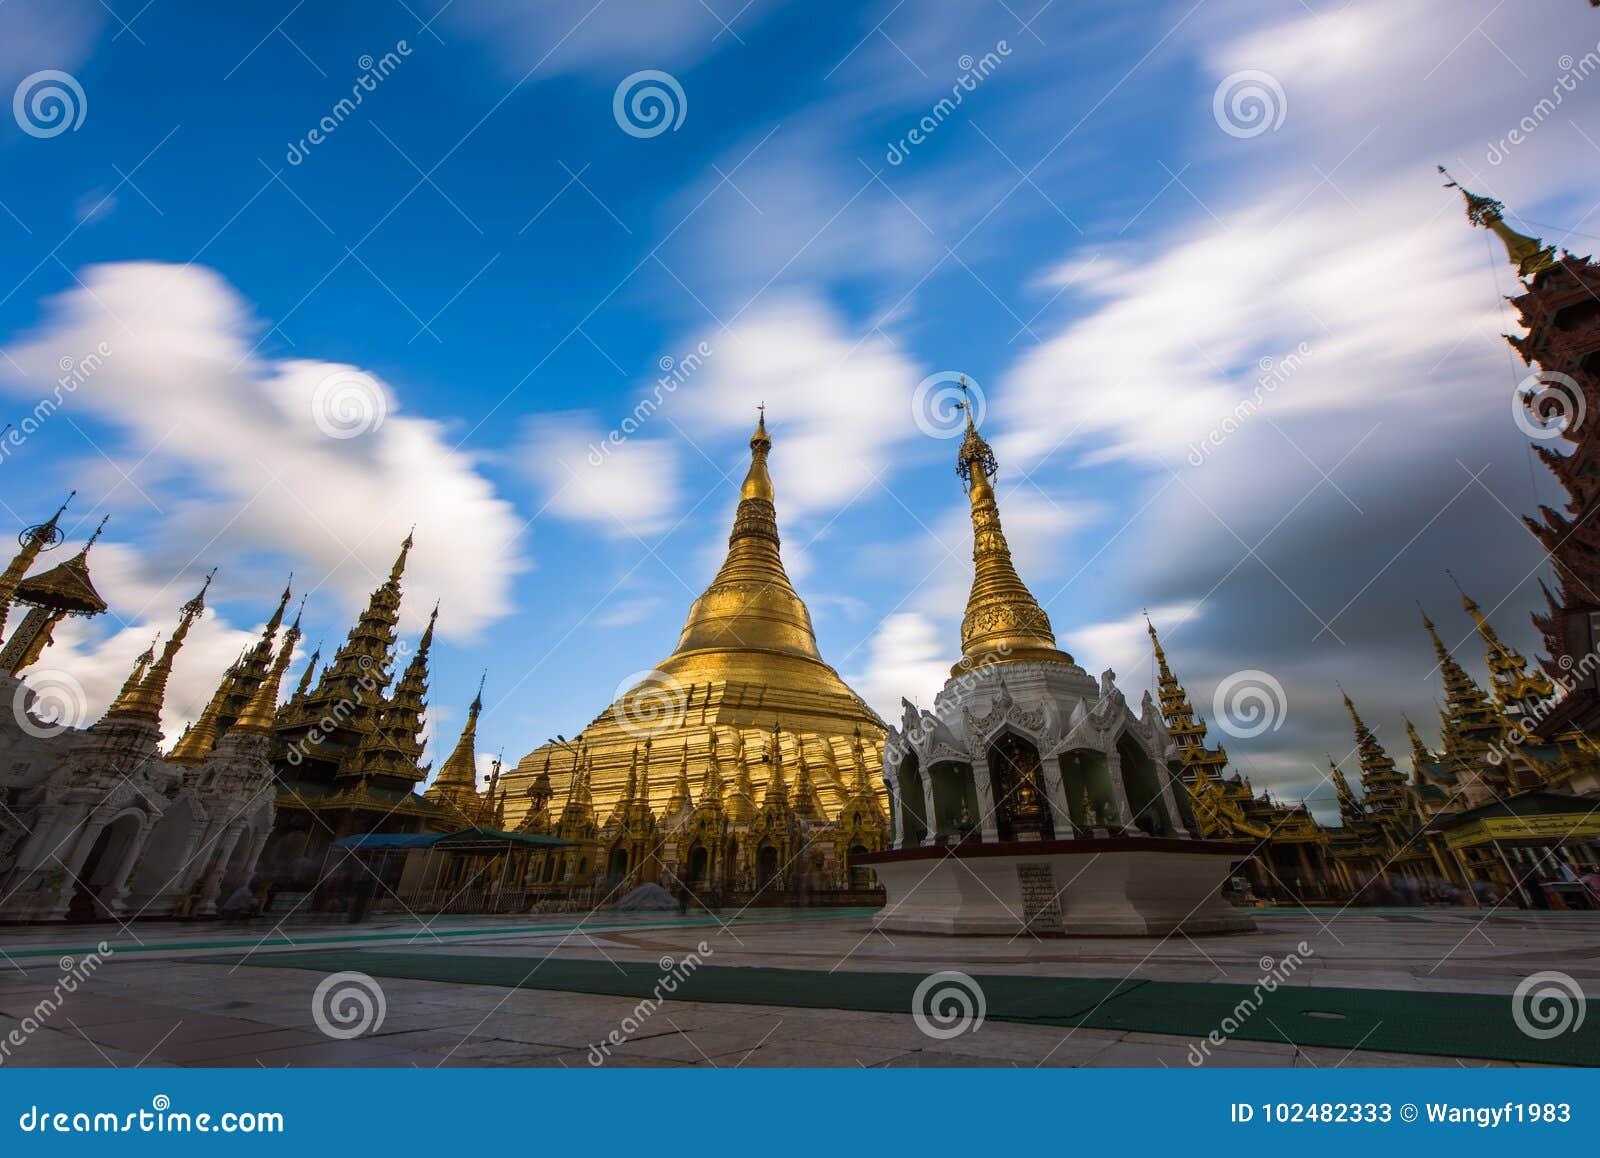 Shwedagon Pagoda-Rangún-Myanmar